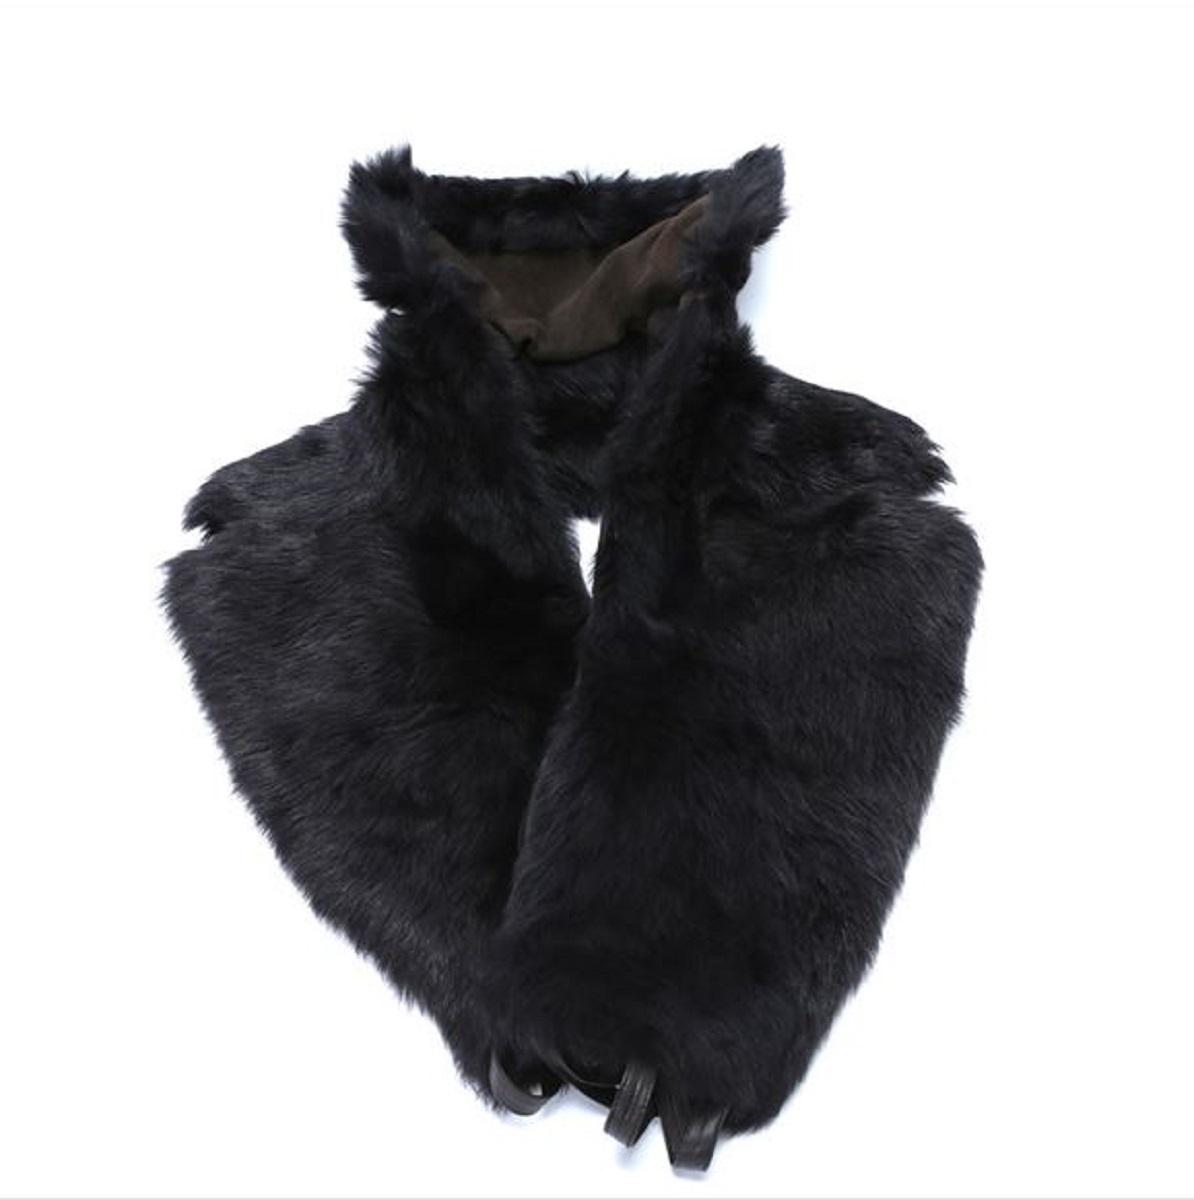 ロエベ LOEWE ストール ブラック×ブラウン フォックス×羊革 【トレジャースポット】【中古】